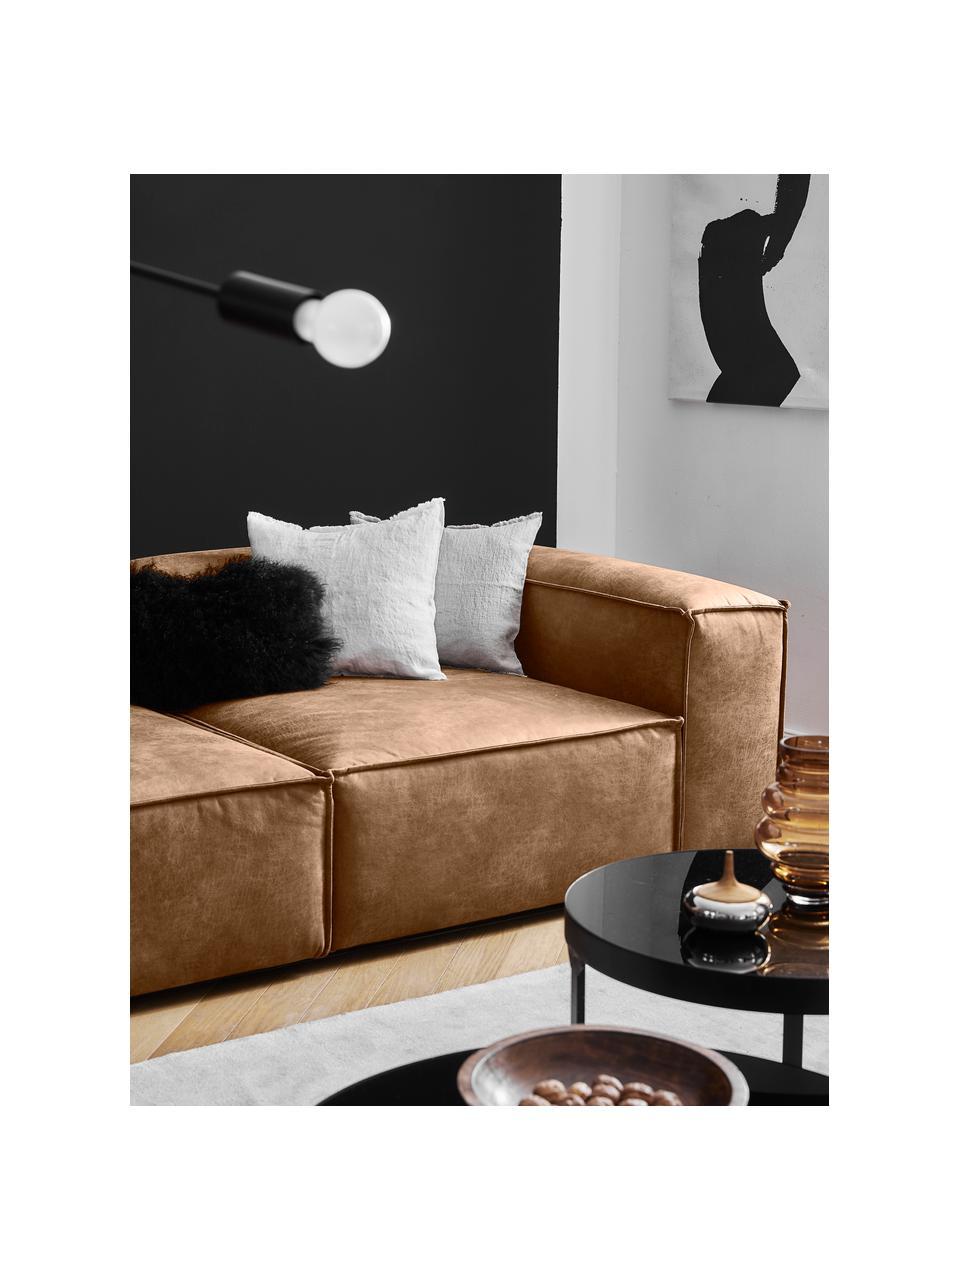 Narożna sofa modułowa ze skóry z recyklingu Lennon, Tapicerka: skóra pochodząca z recykl, Stelaż: lite drewno sosnowe, skle, Nogi: tworzywo sztuczne Nogi zn, Skórzany brązowy, S 327 x G 180 cm